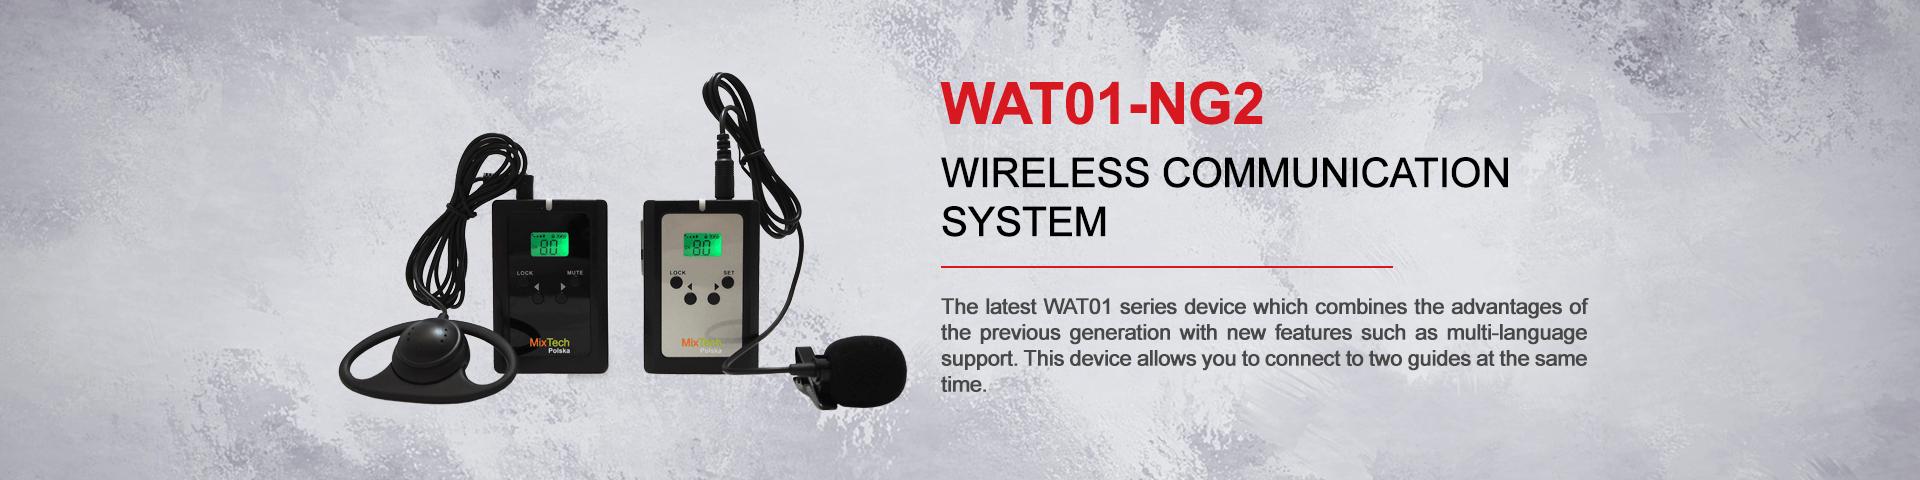 WAT01-NG2 - slider